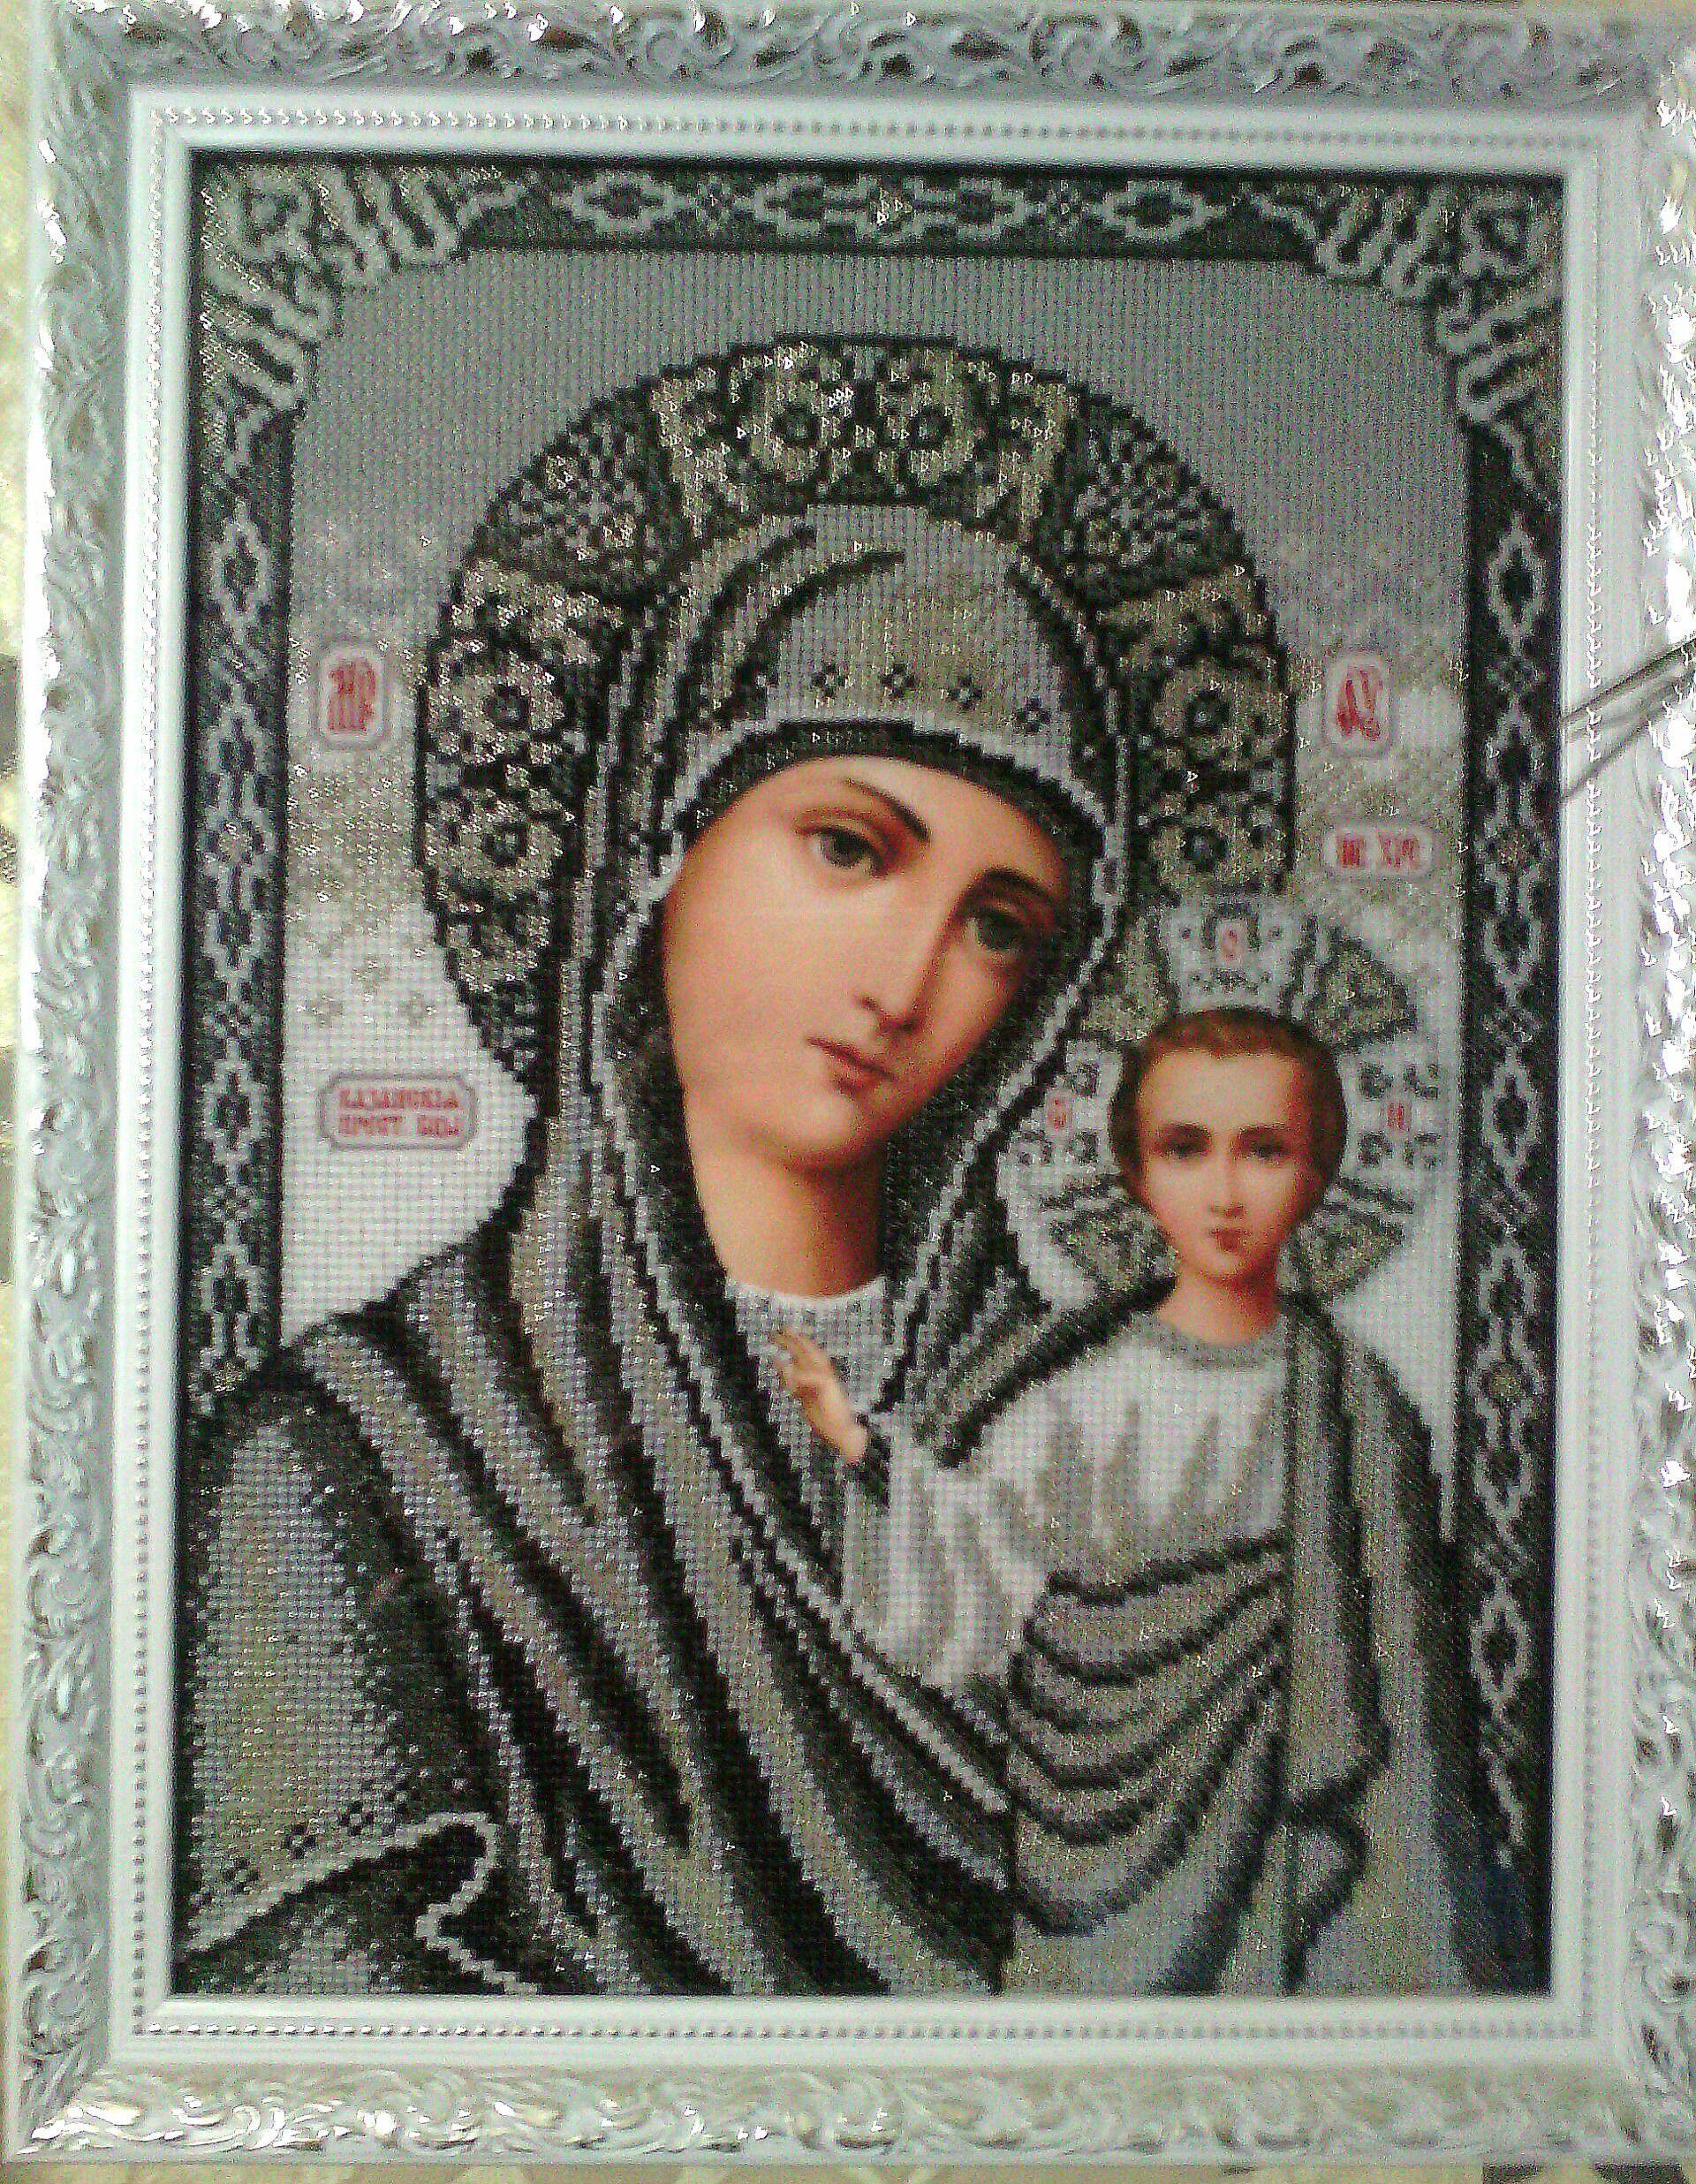 вышивка богородица иконы венчальная свадьба казанская икона день рождения бисером картина подарок